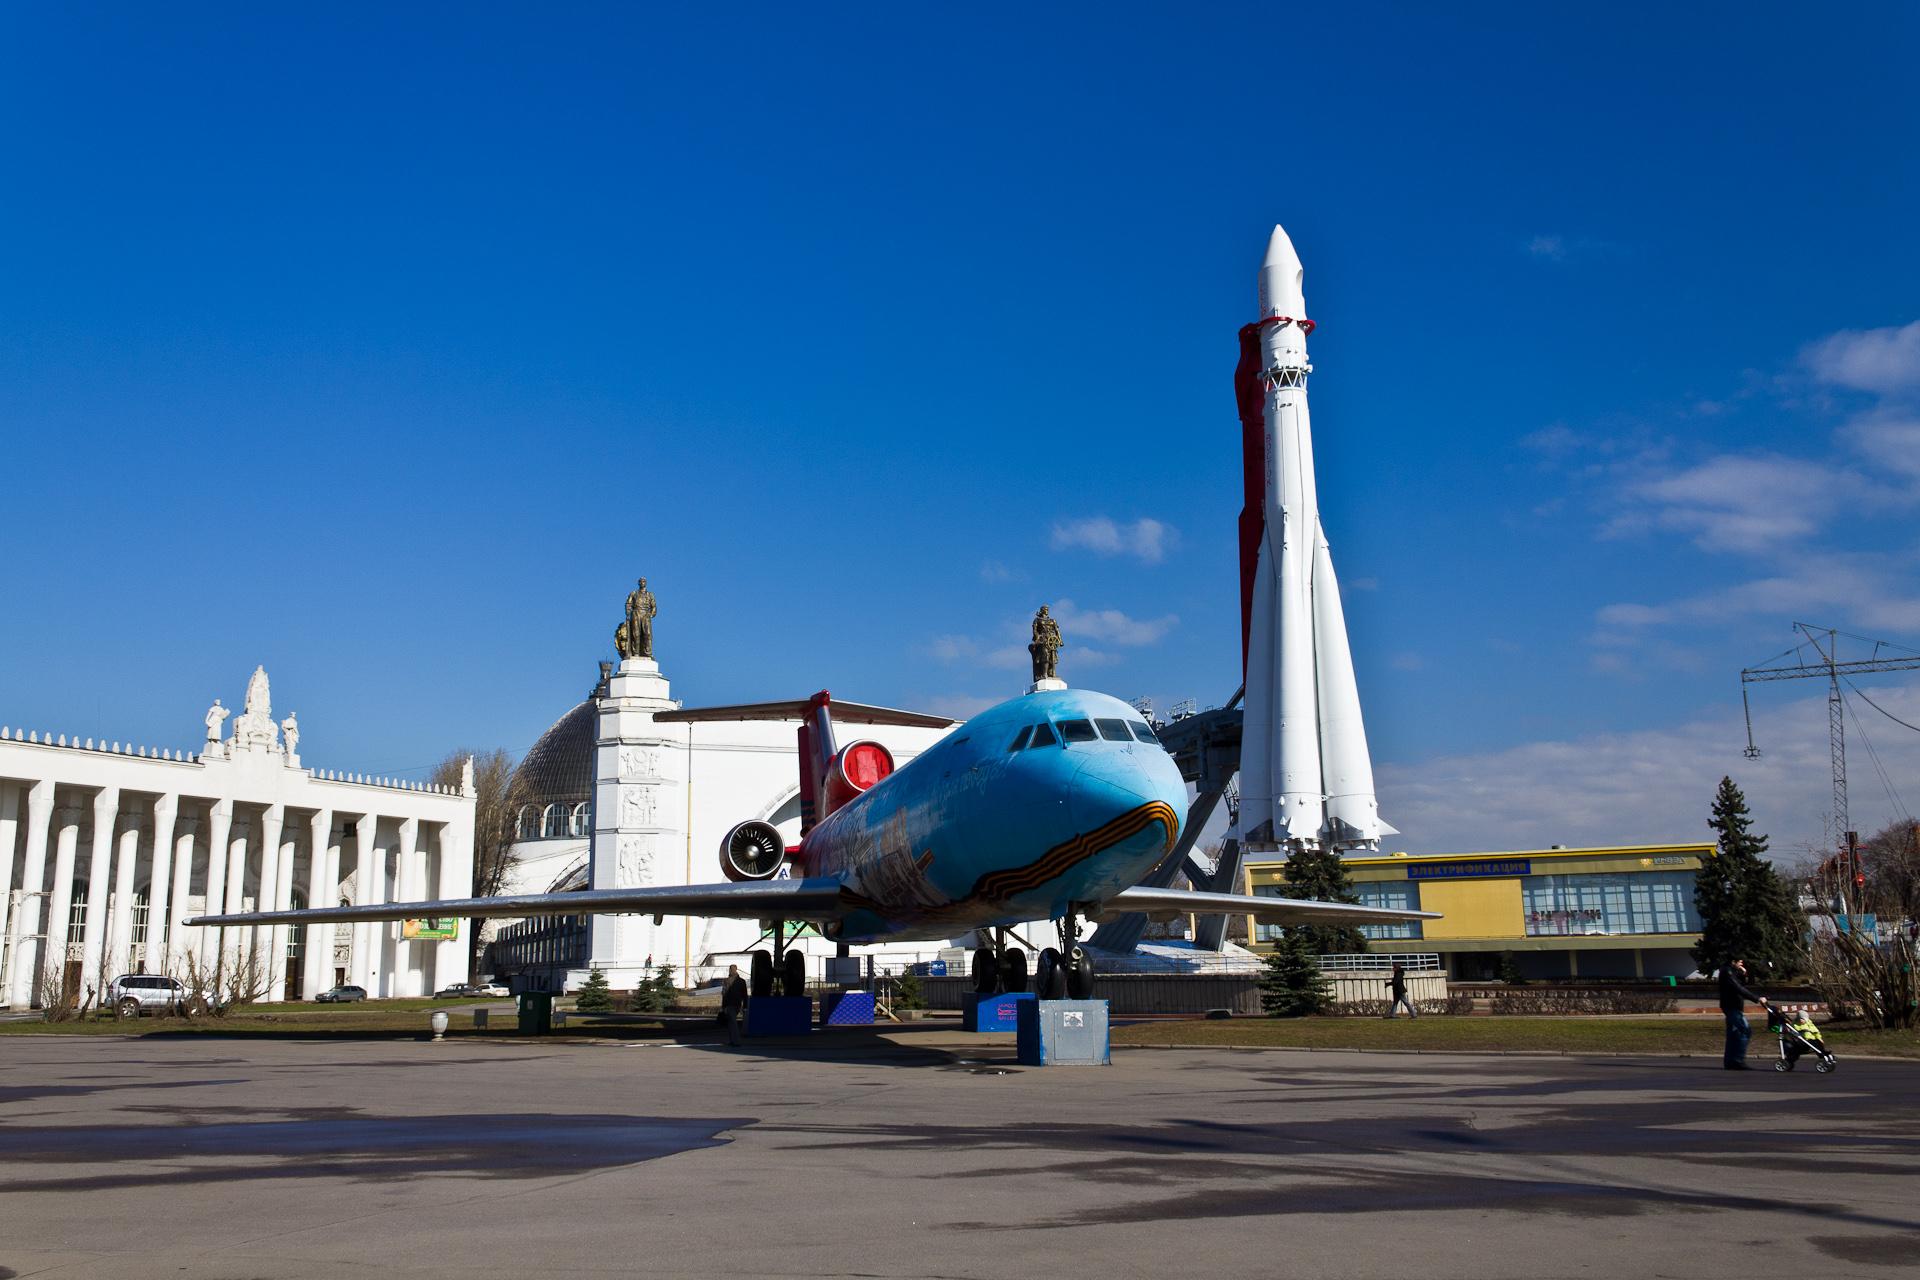 http://selpi.ru/files/image/2011/04/24/IMG_2835.jpg